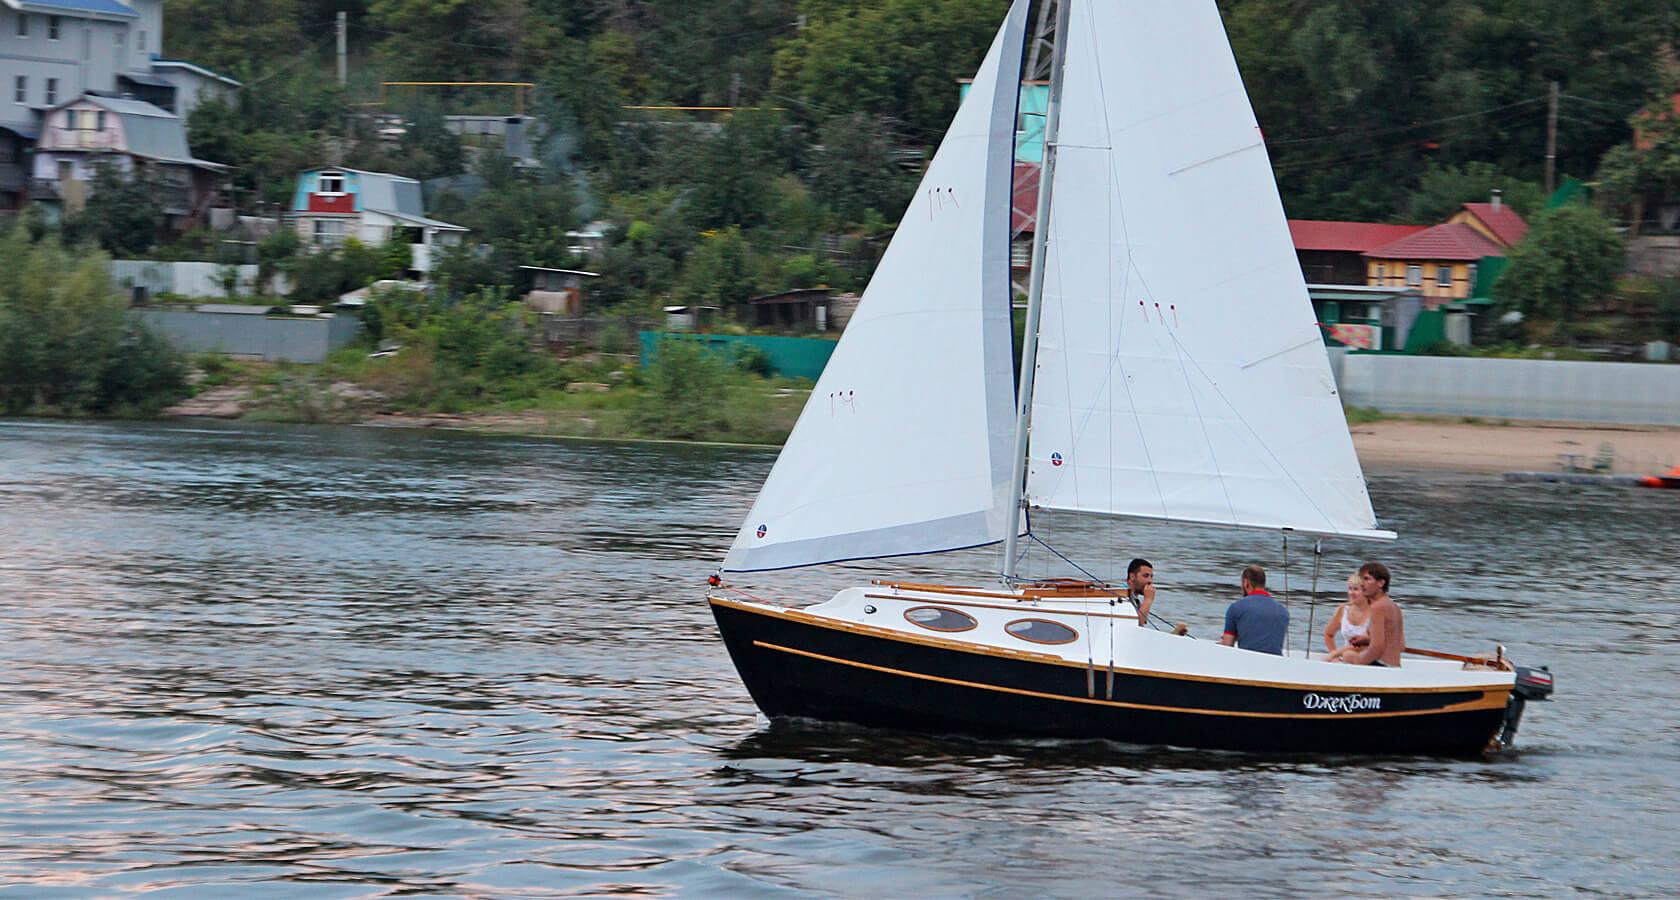 яхта дрескомб фото тип